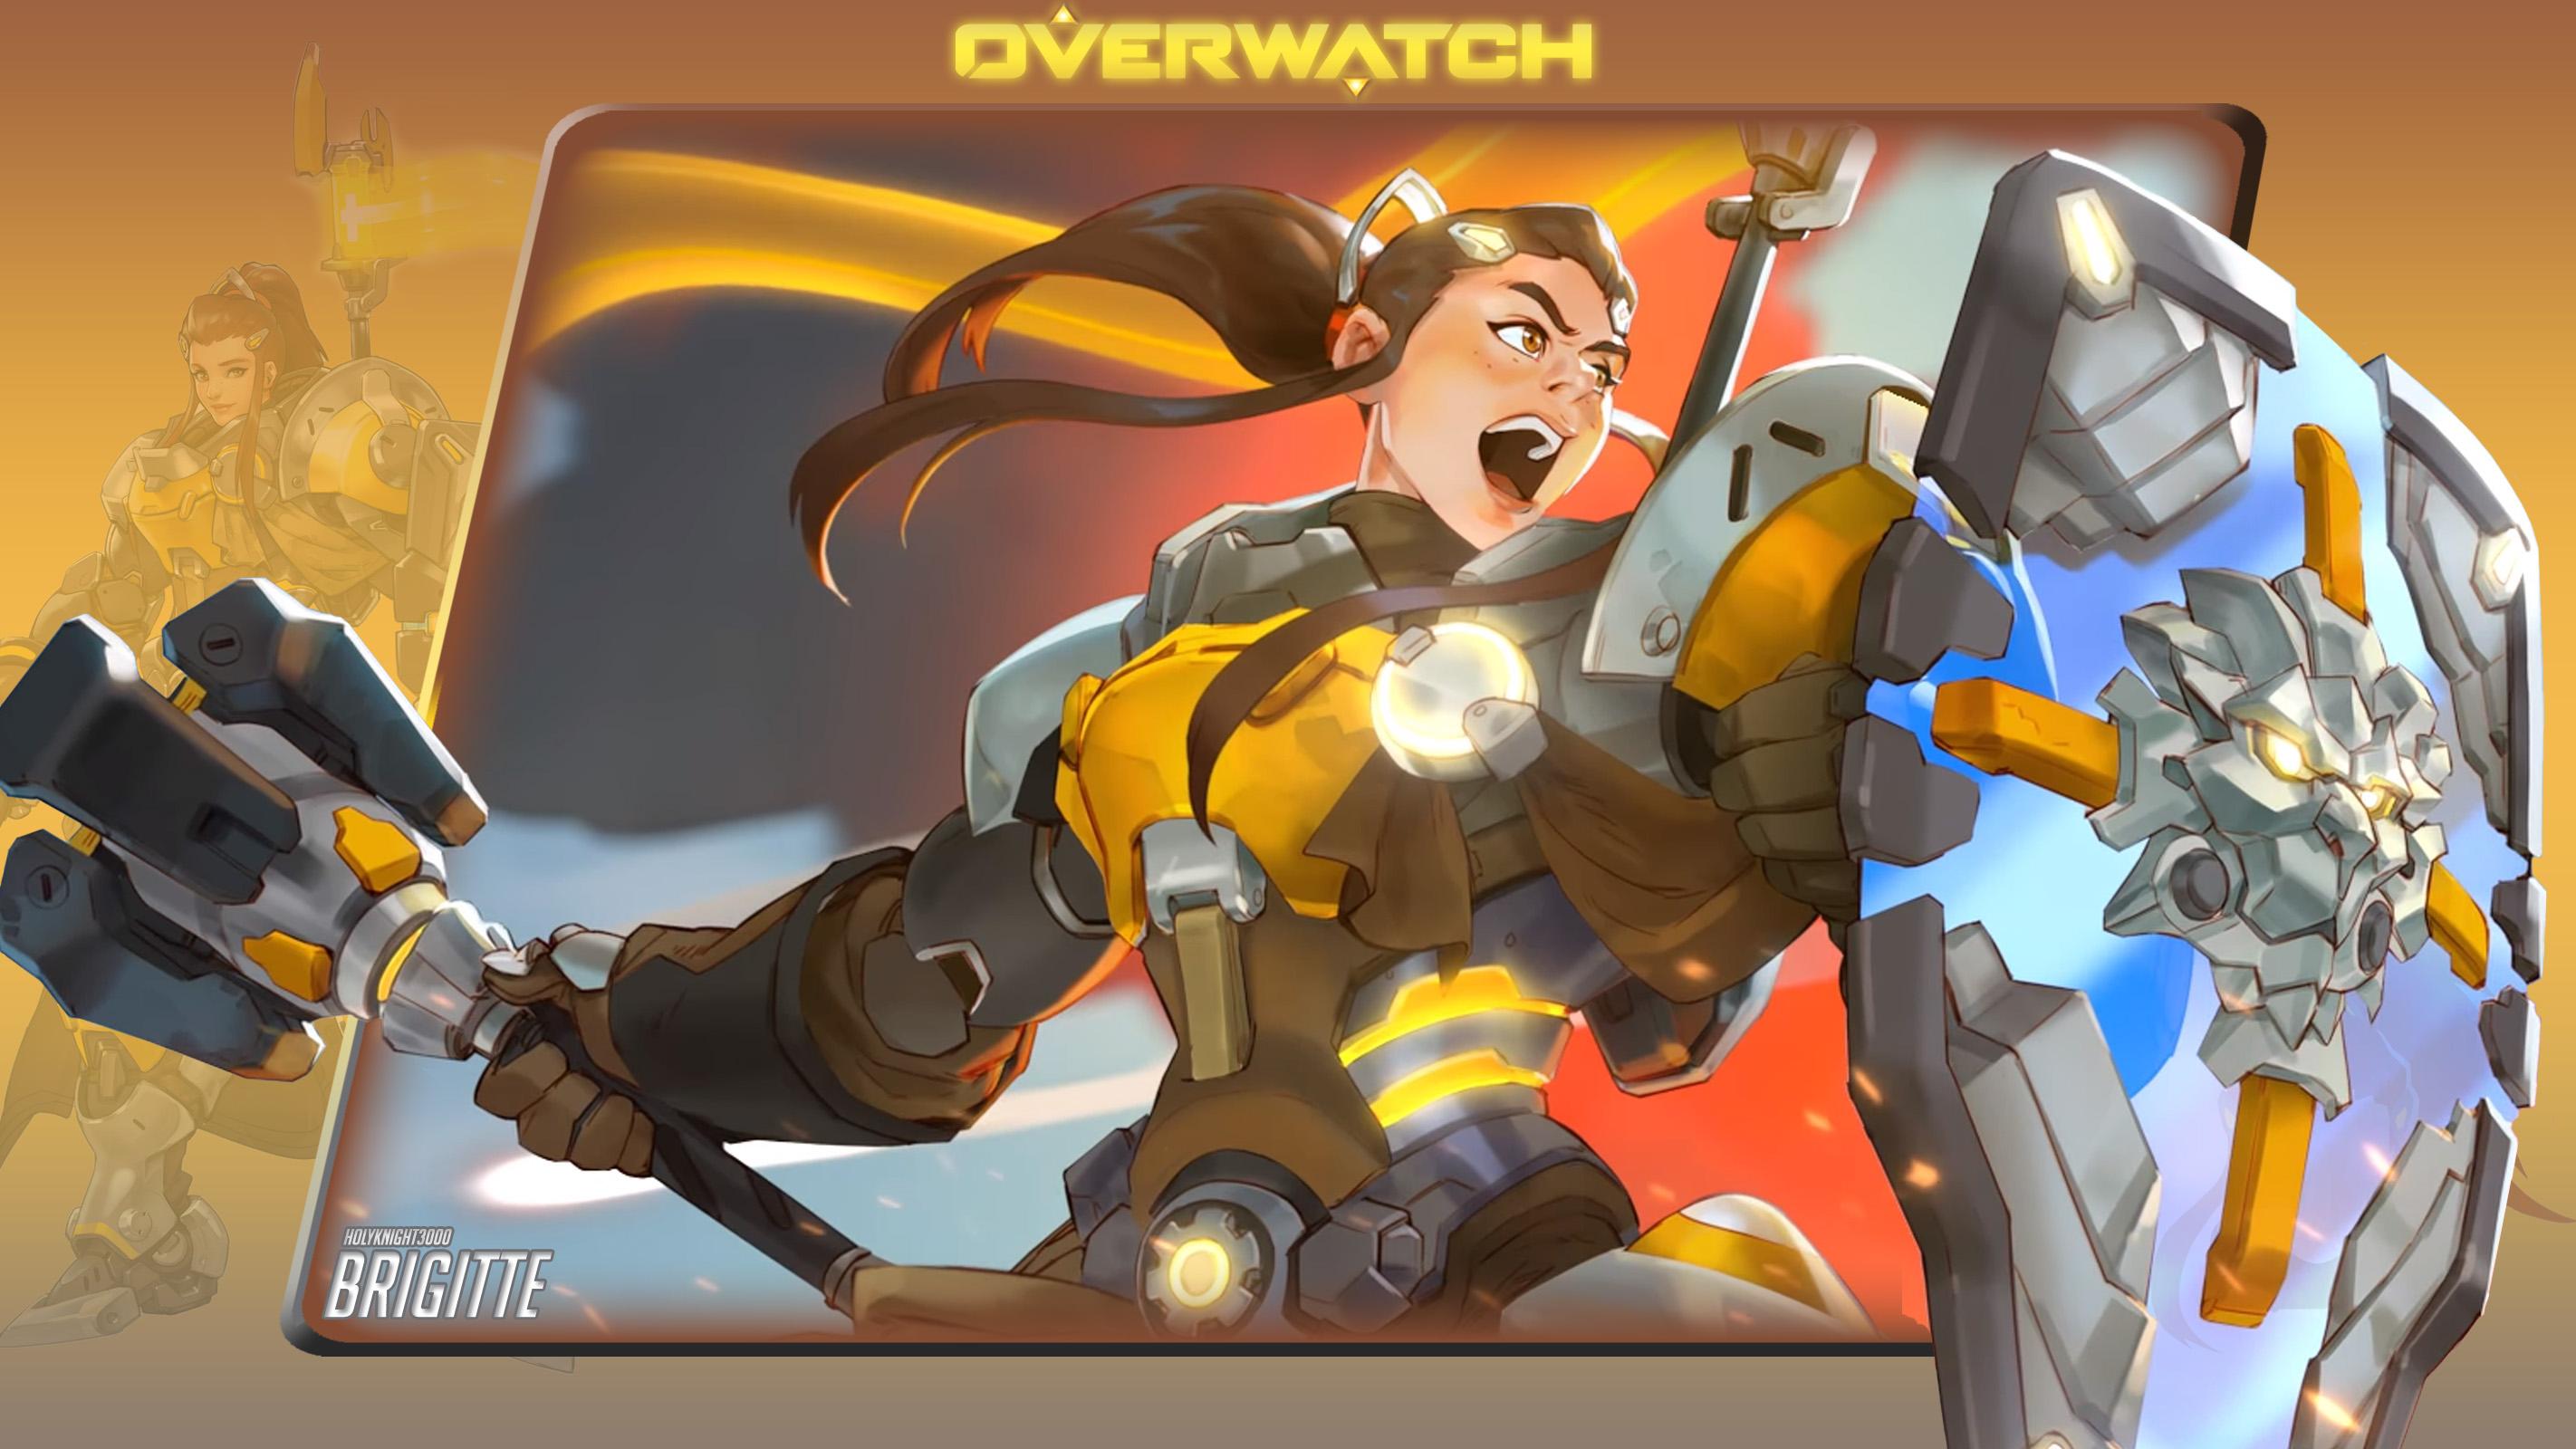 wallpaper overwatch 12 brigitte overwatch